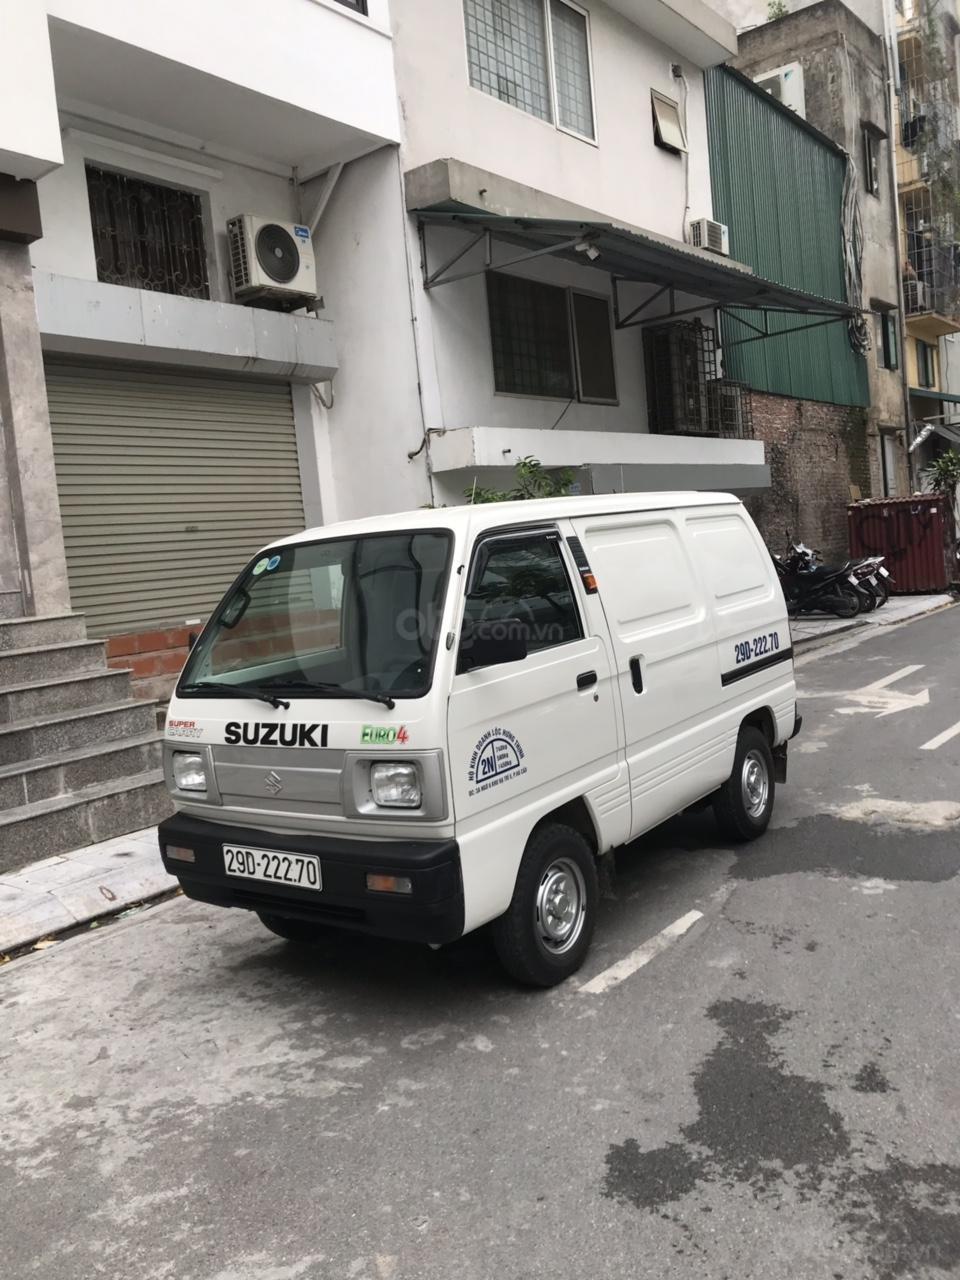 Cực hot Suzuki tải Van siêu lướt 2019 biển Hà Nội (2)